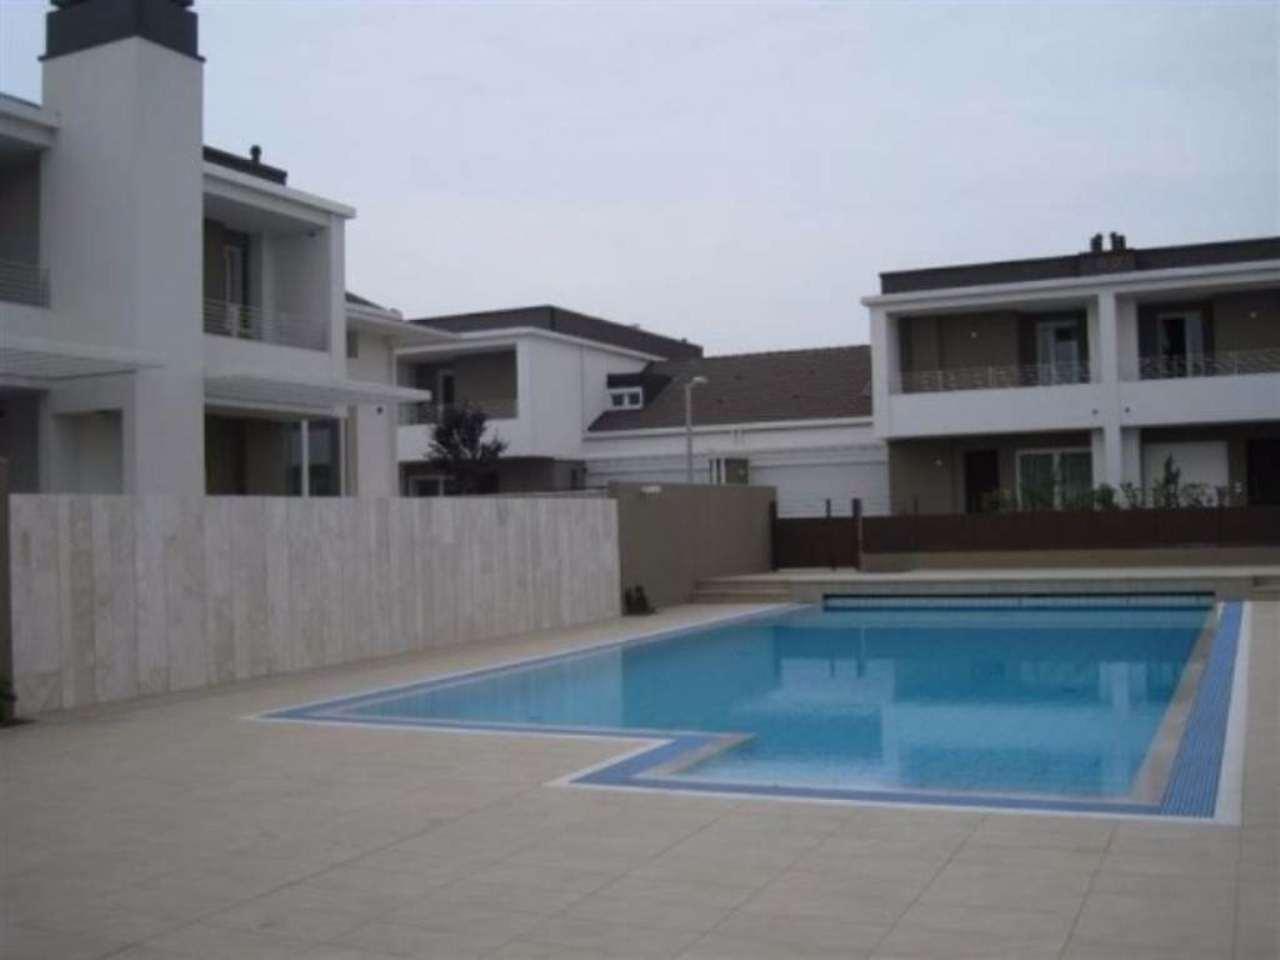 Villa in vendita a Castelfranco Veneto, 6 locali, Trattative riservate | CambioCasa.it